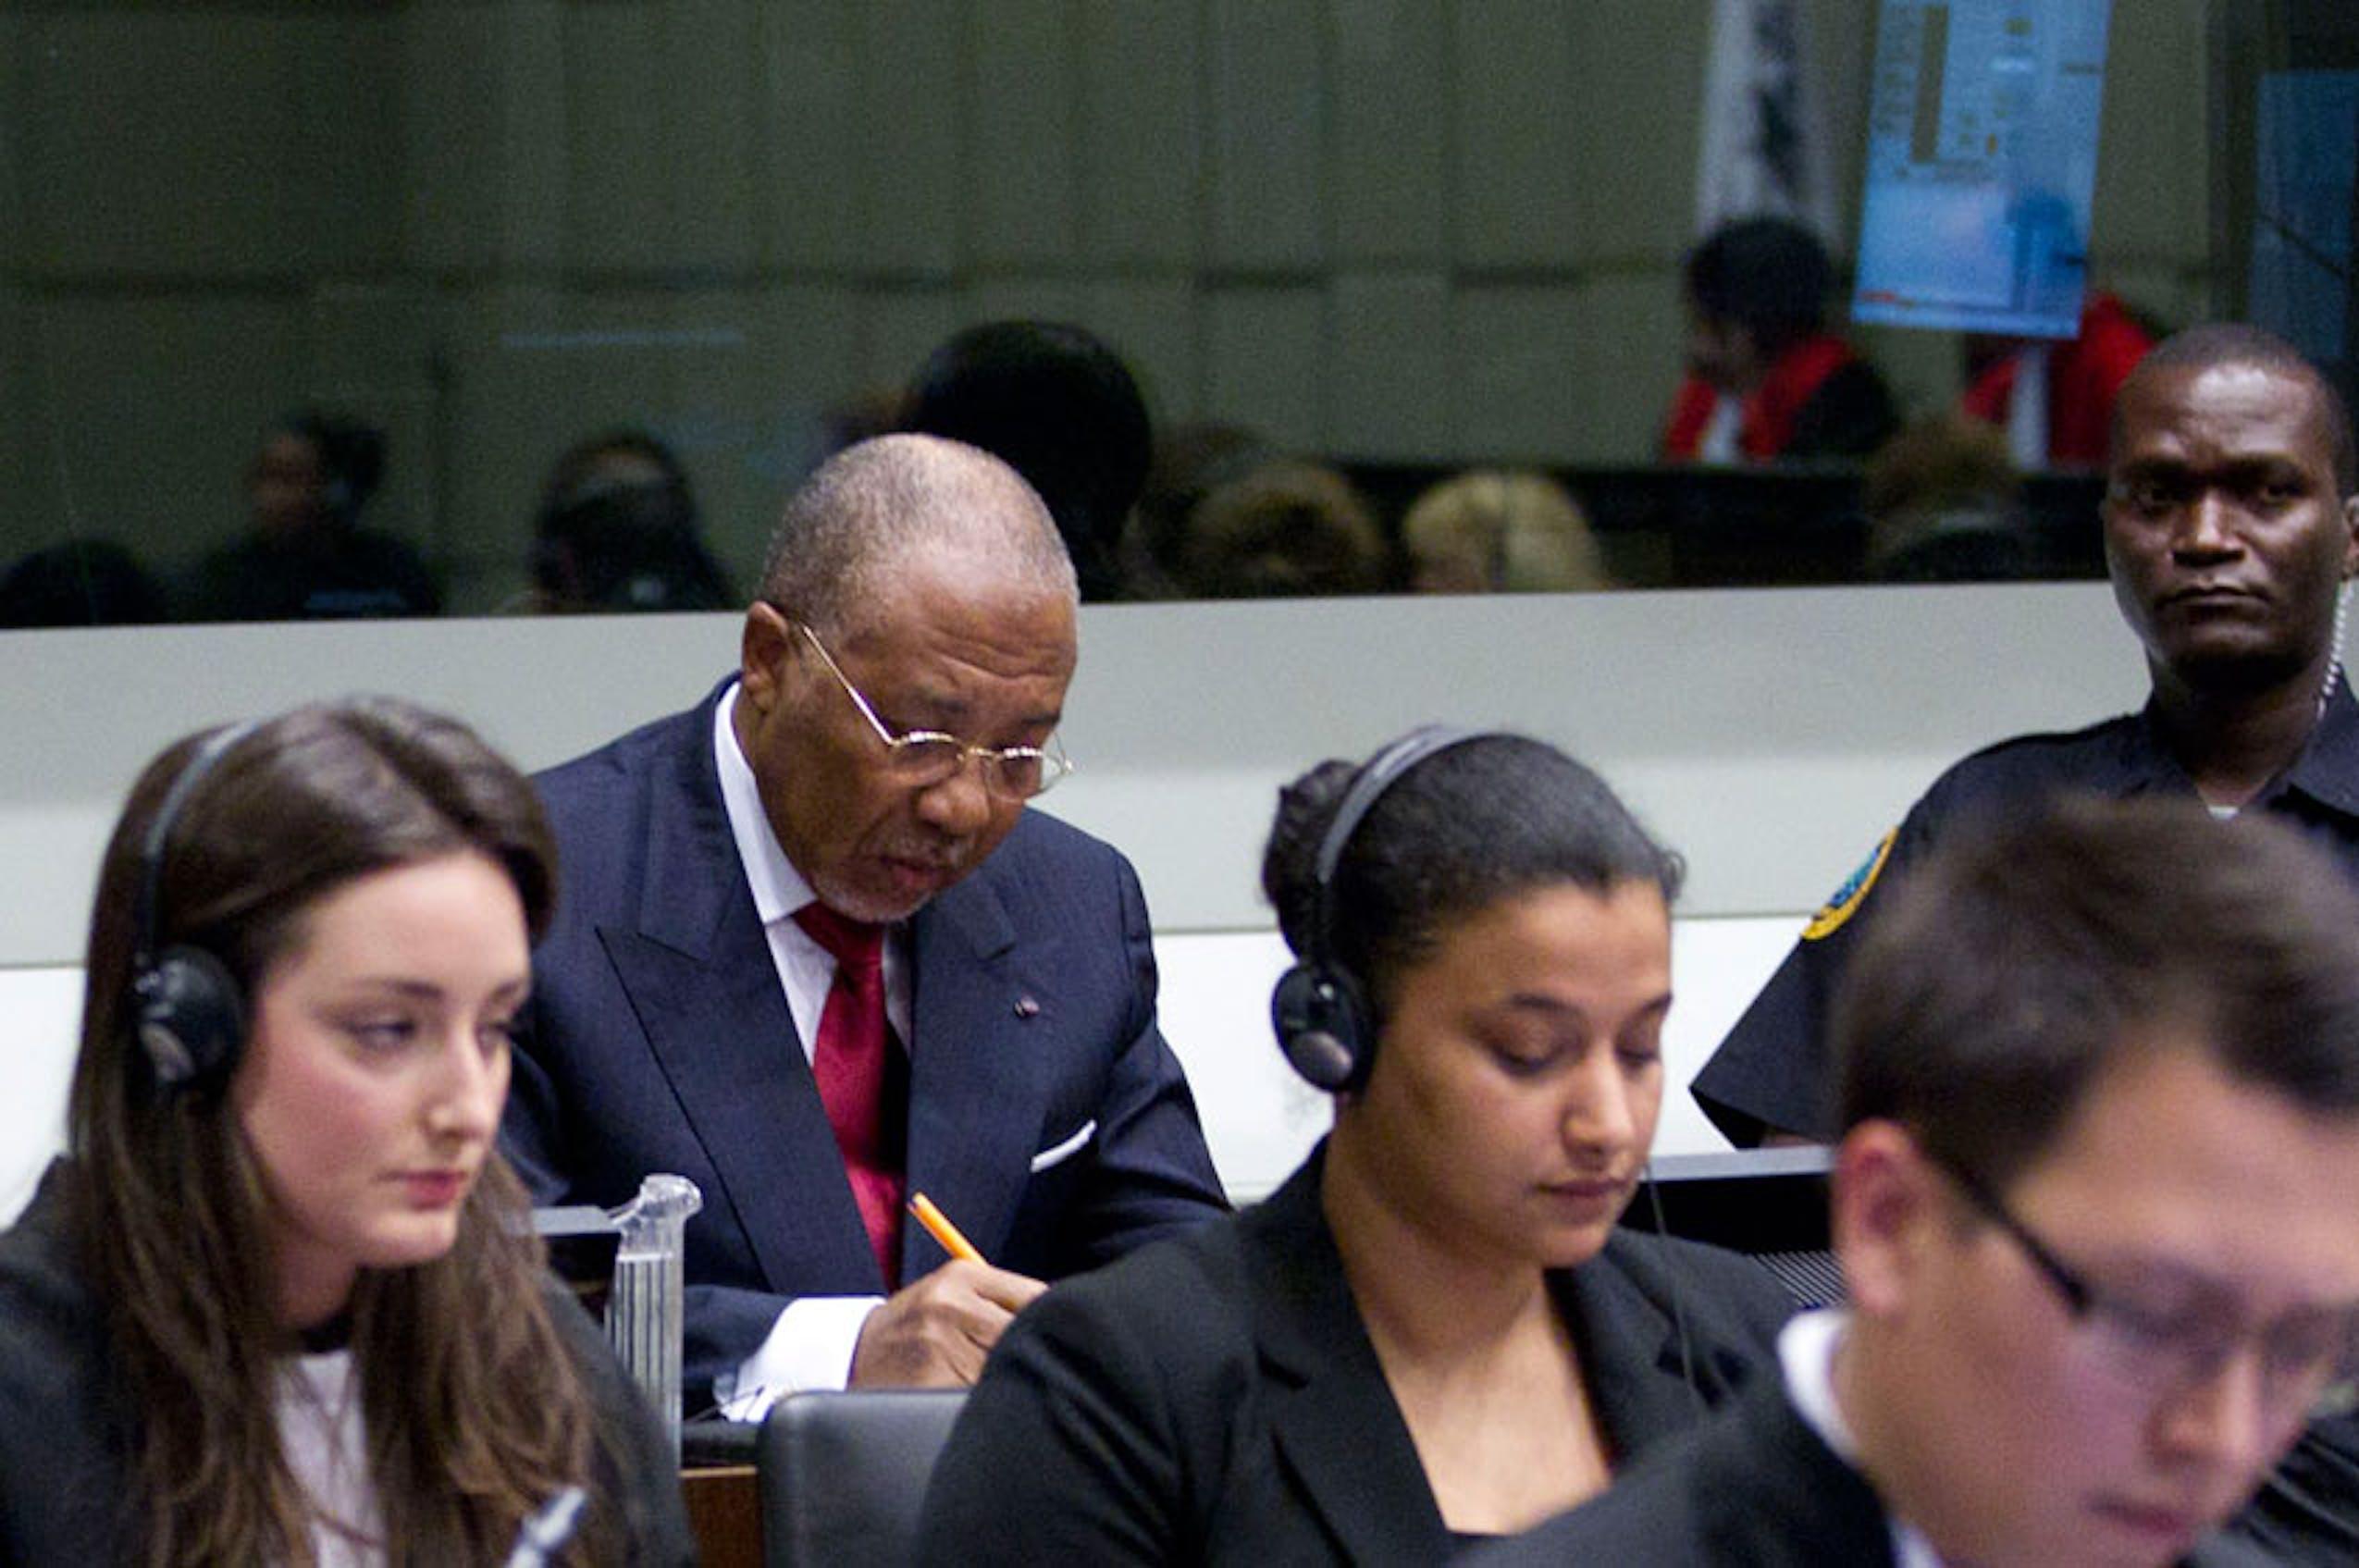 L'ex presidente della Liberia, Charles Taylor, mentre attende il verdetto del Tribunale speciale per la Sierra Leone - ©AP/Peter Delong